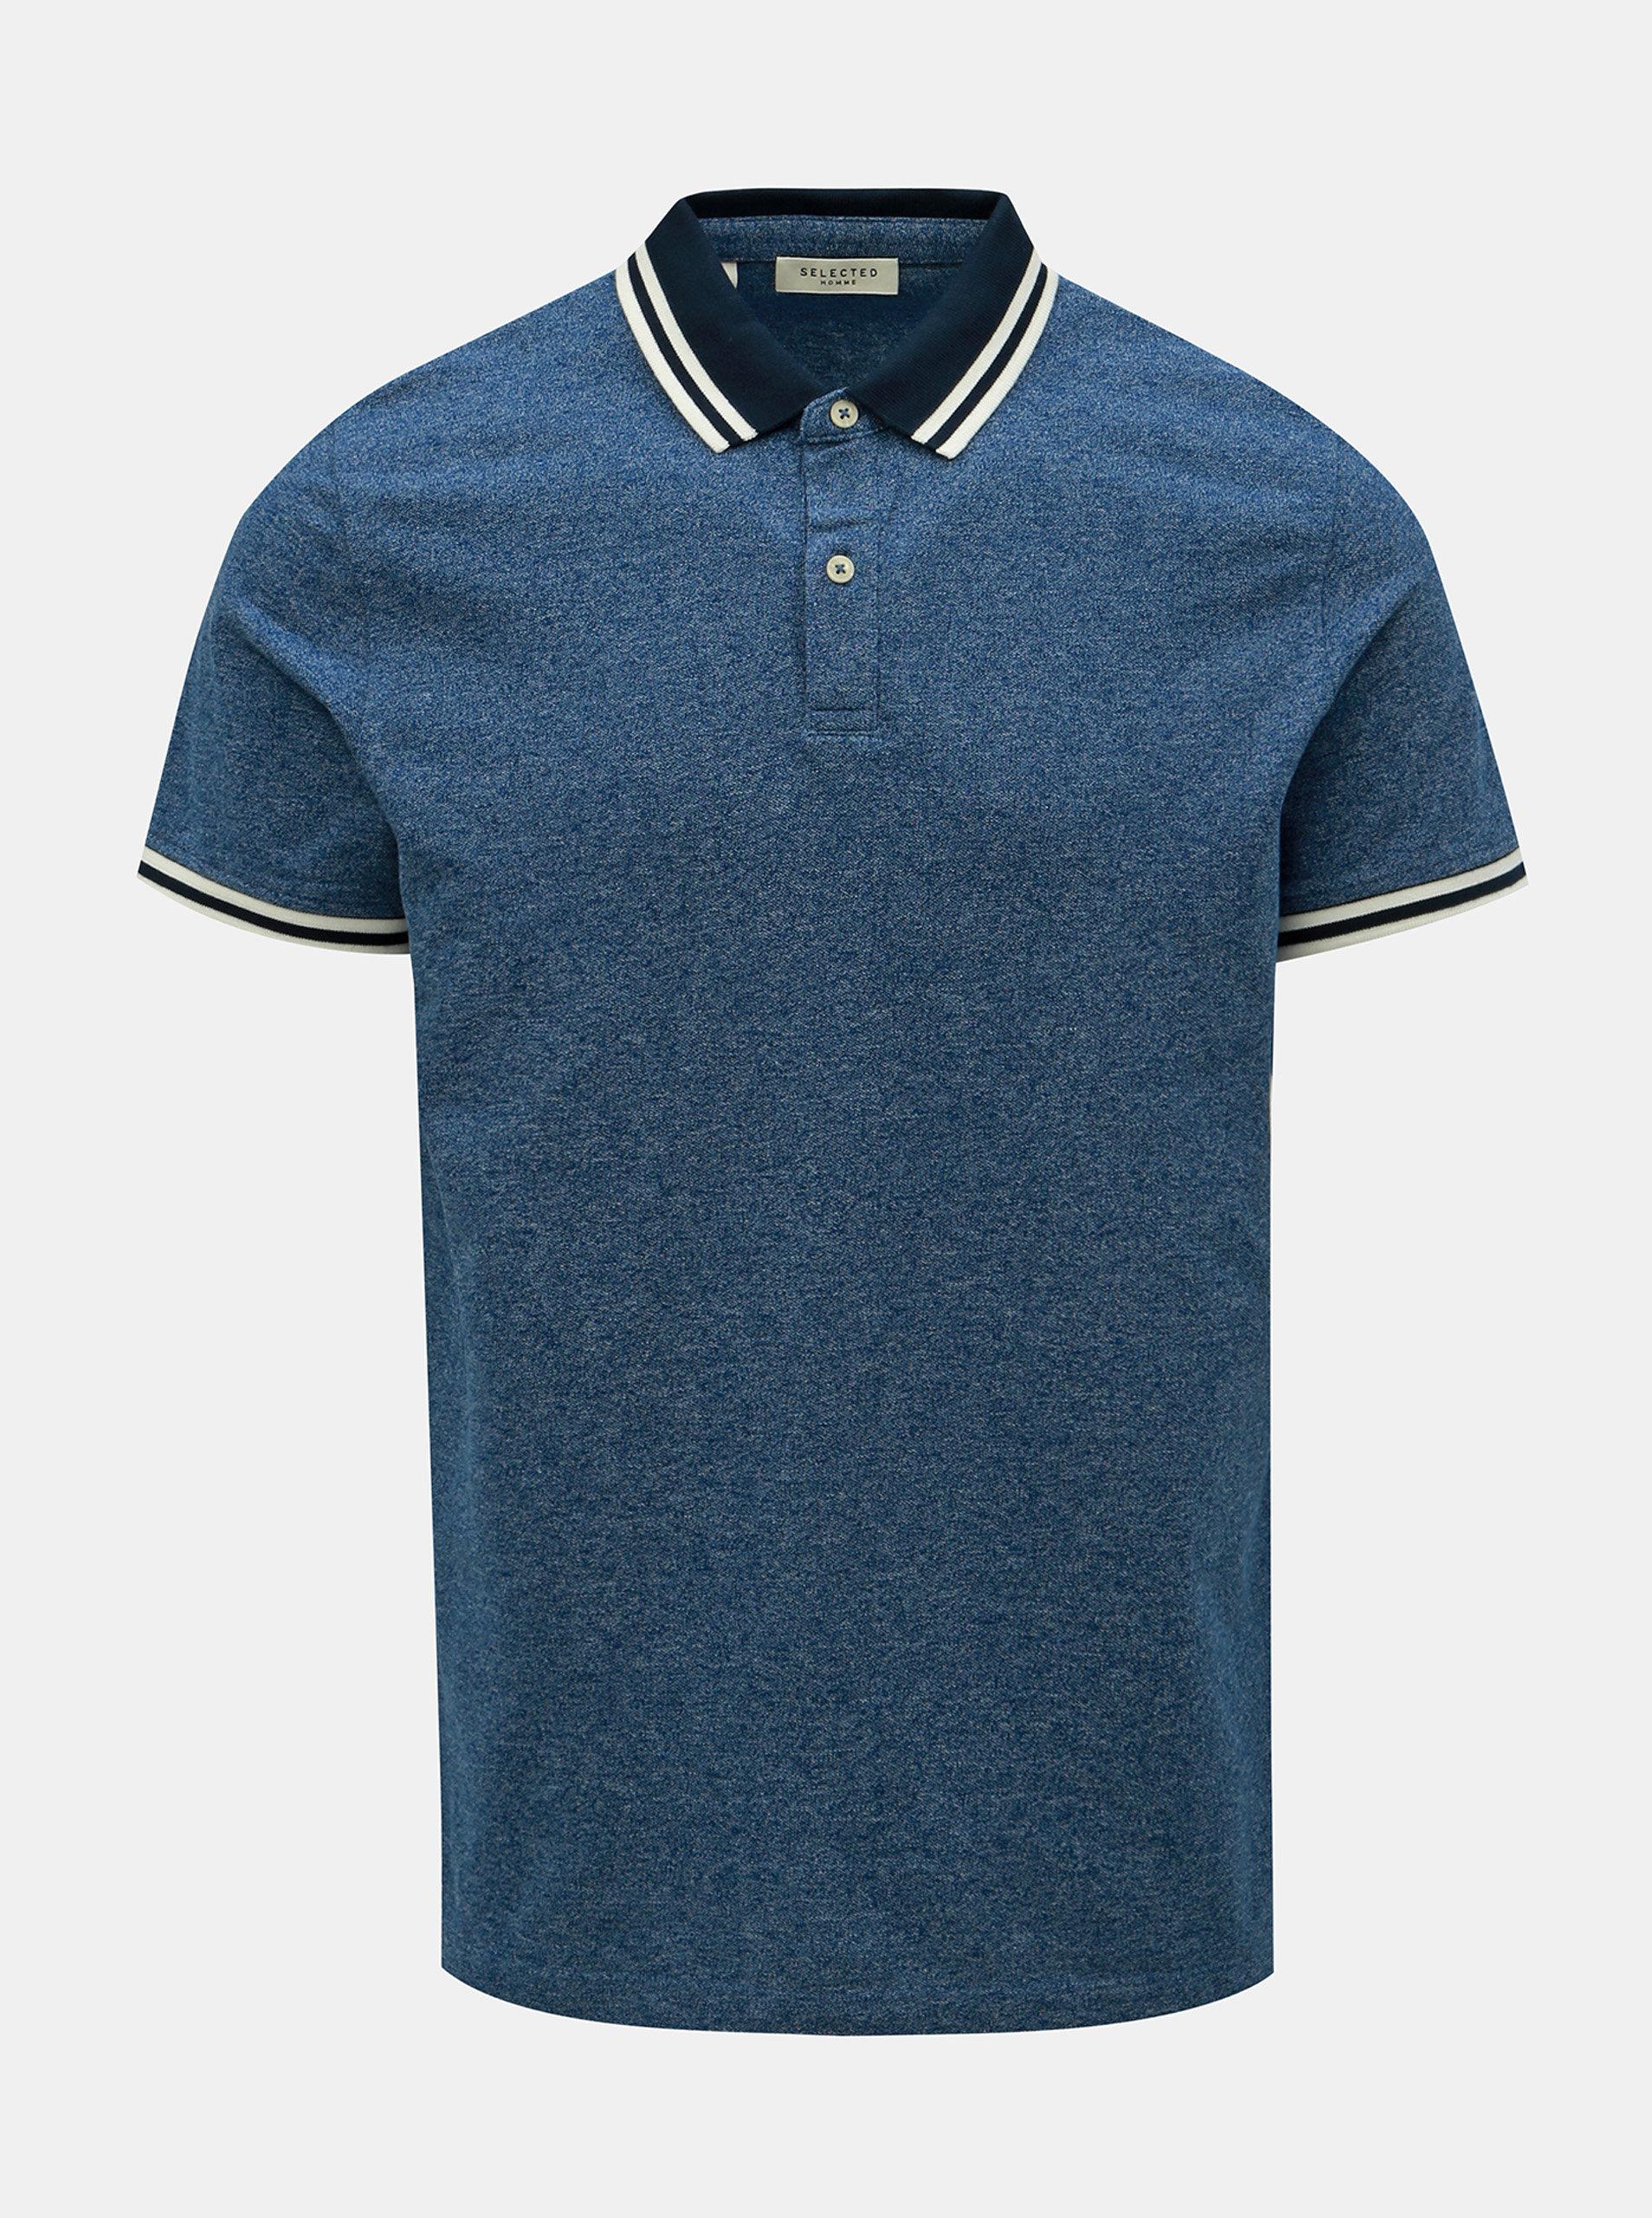 90b99c5b1822 Modré žíhané polo tričko Selected Homme Lau ...